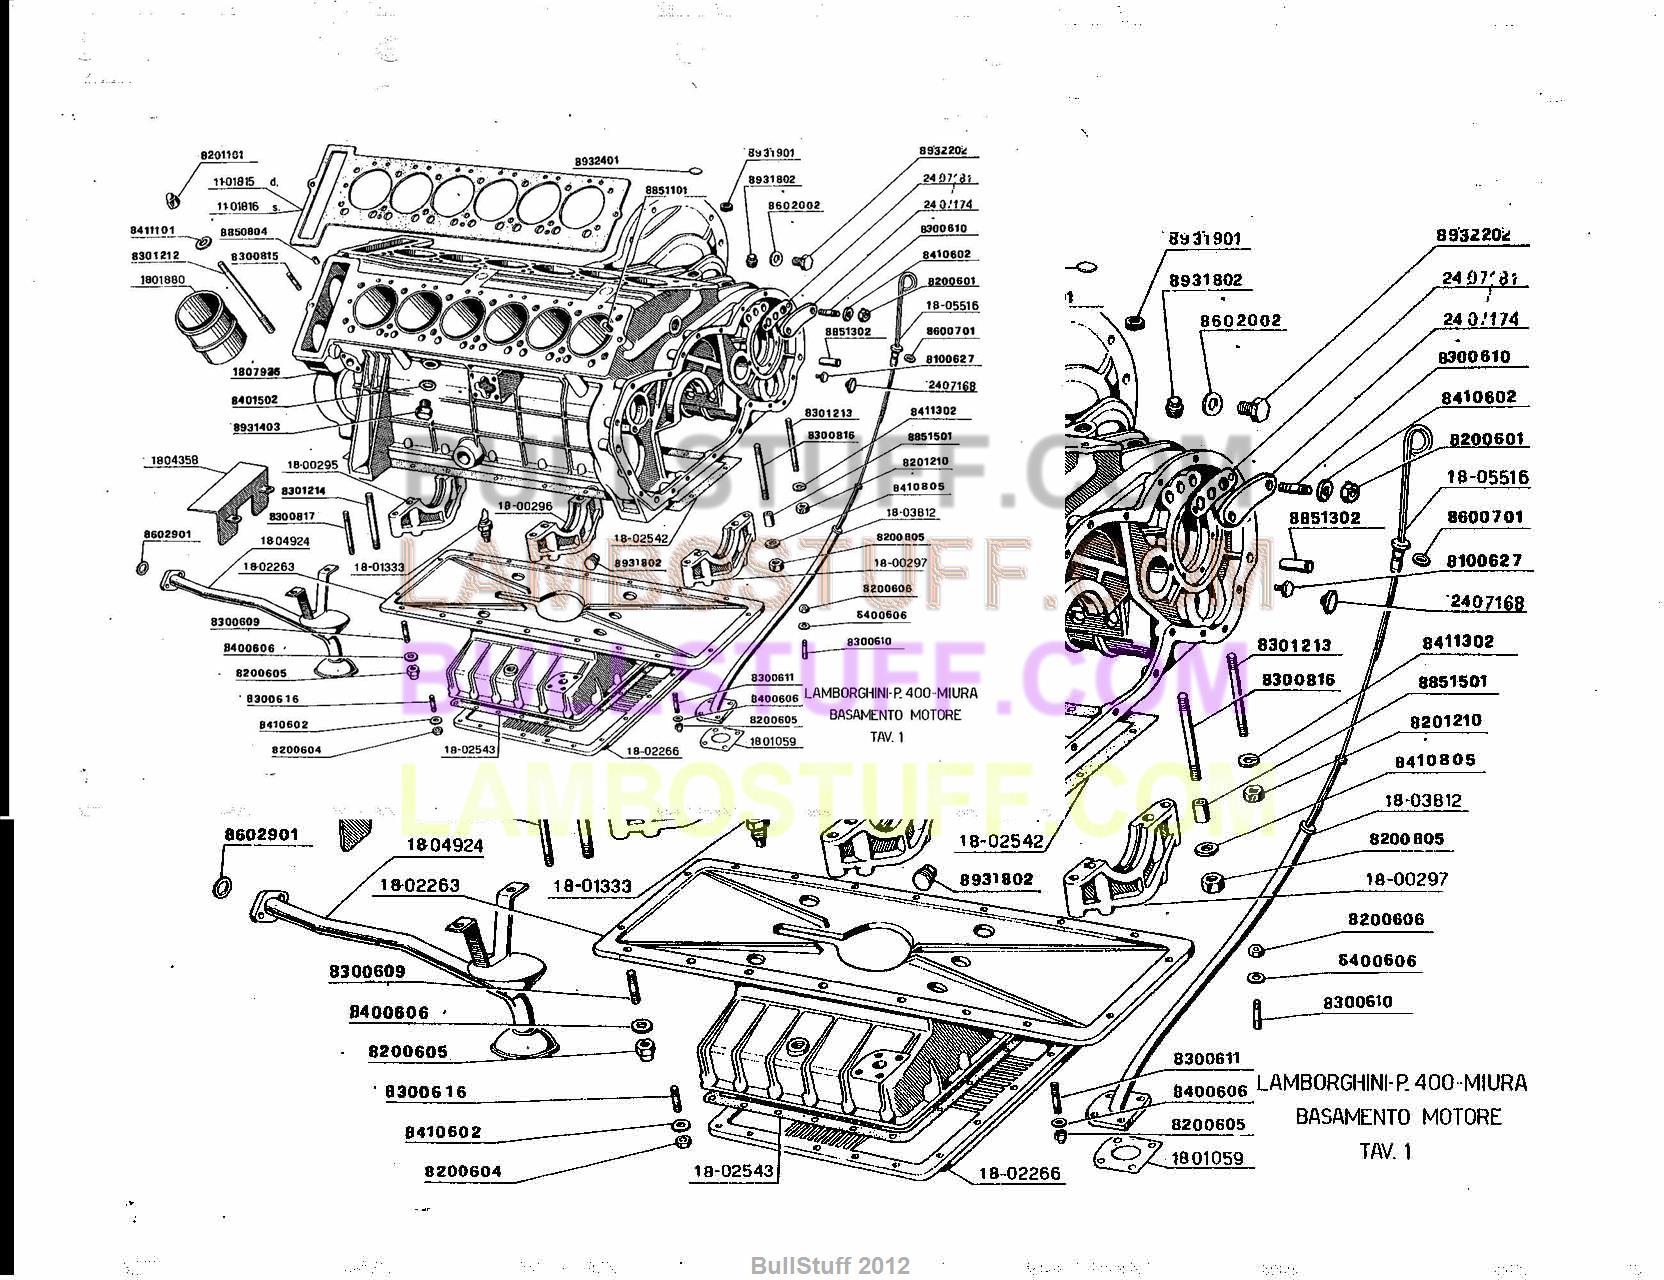 lamborghini engine diagram easy wiring diagrams u2022 rh art isere com Car Engine Diagram Mini Cooper Engine Diagram